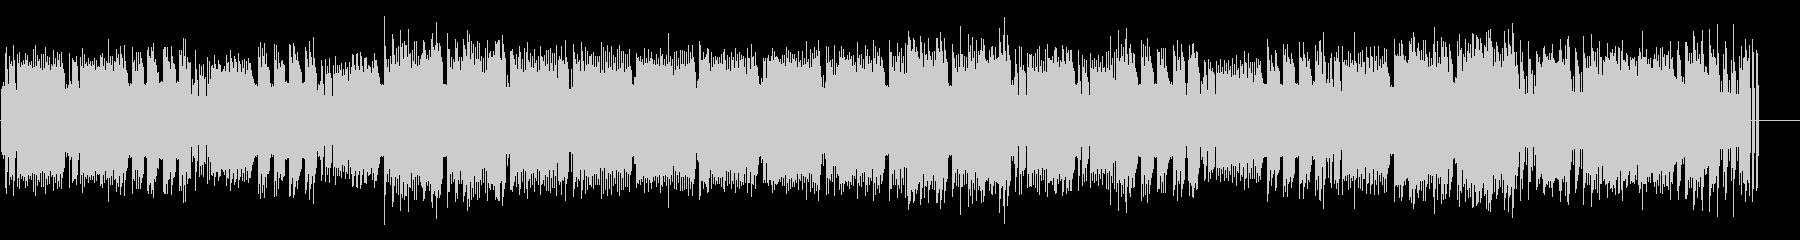 「トルコ行進曲」 8bit verの未再生の波形